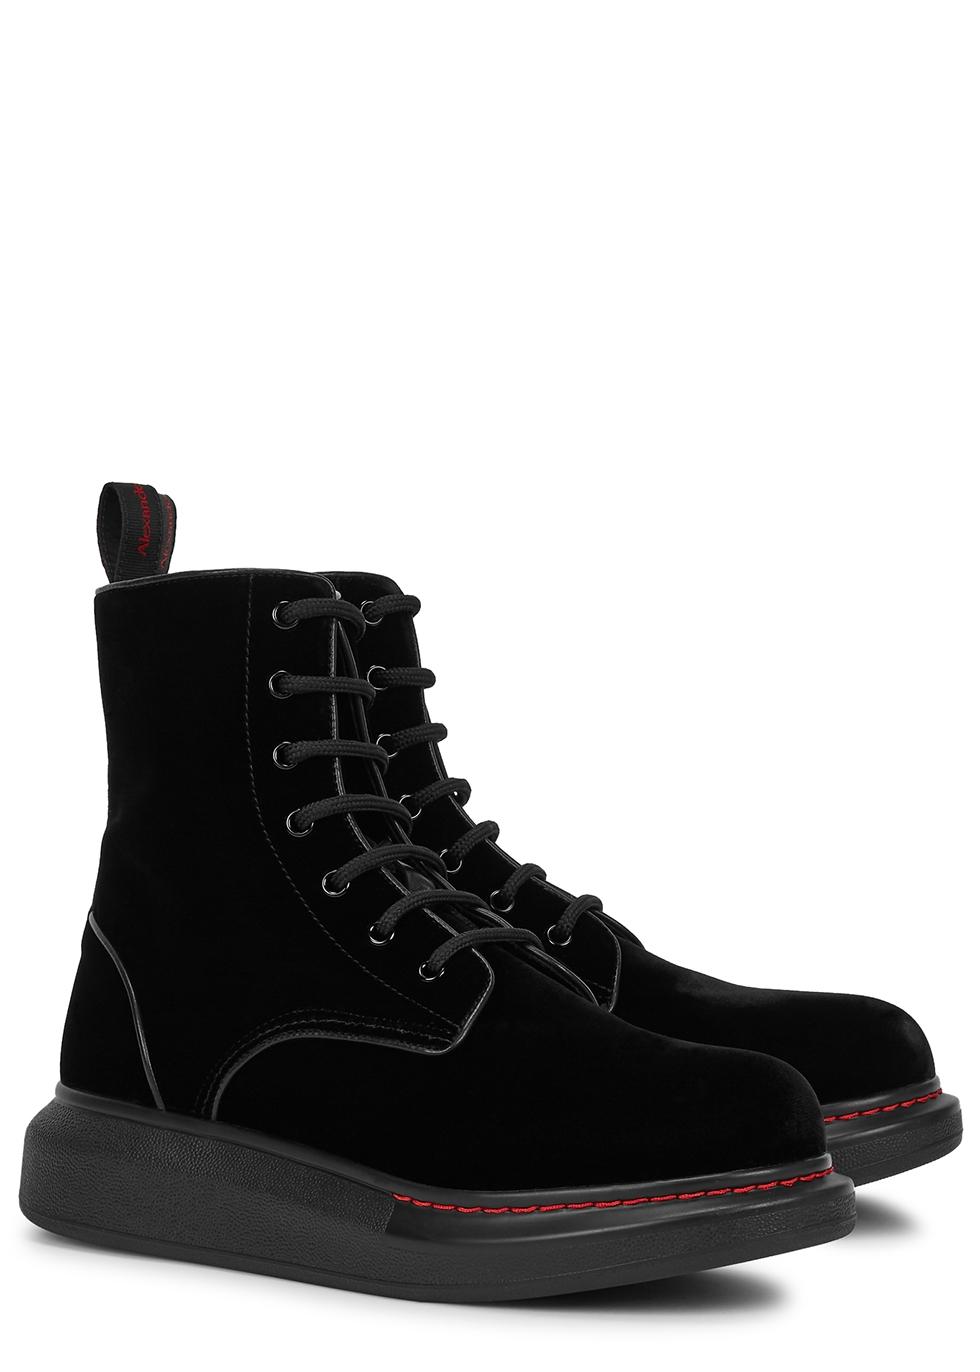 black velvet ankle boots - Harvey Nichols